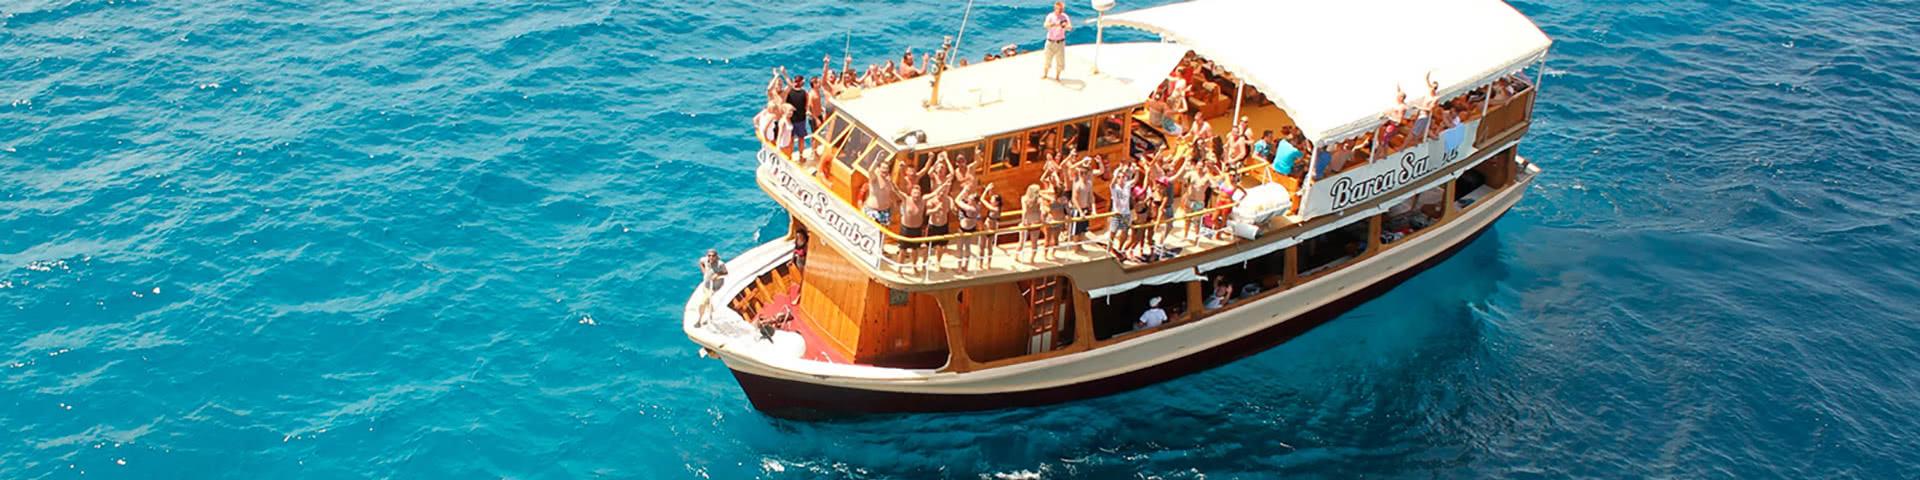 Feiernde Menschen auf dem Partyschiff